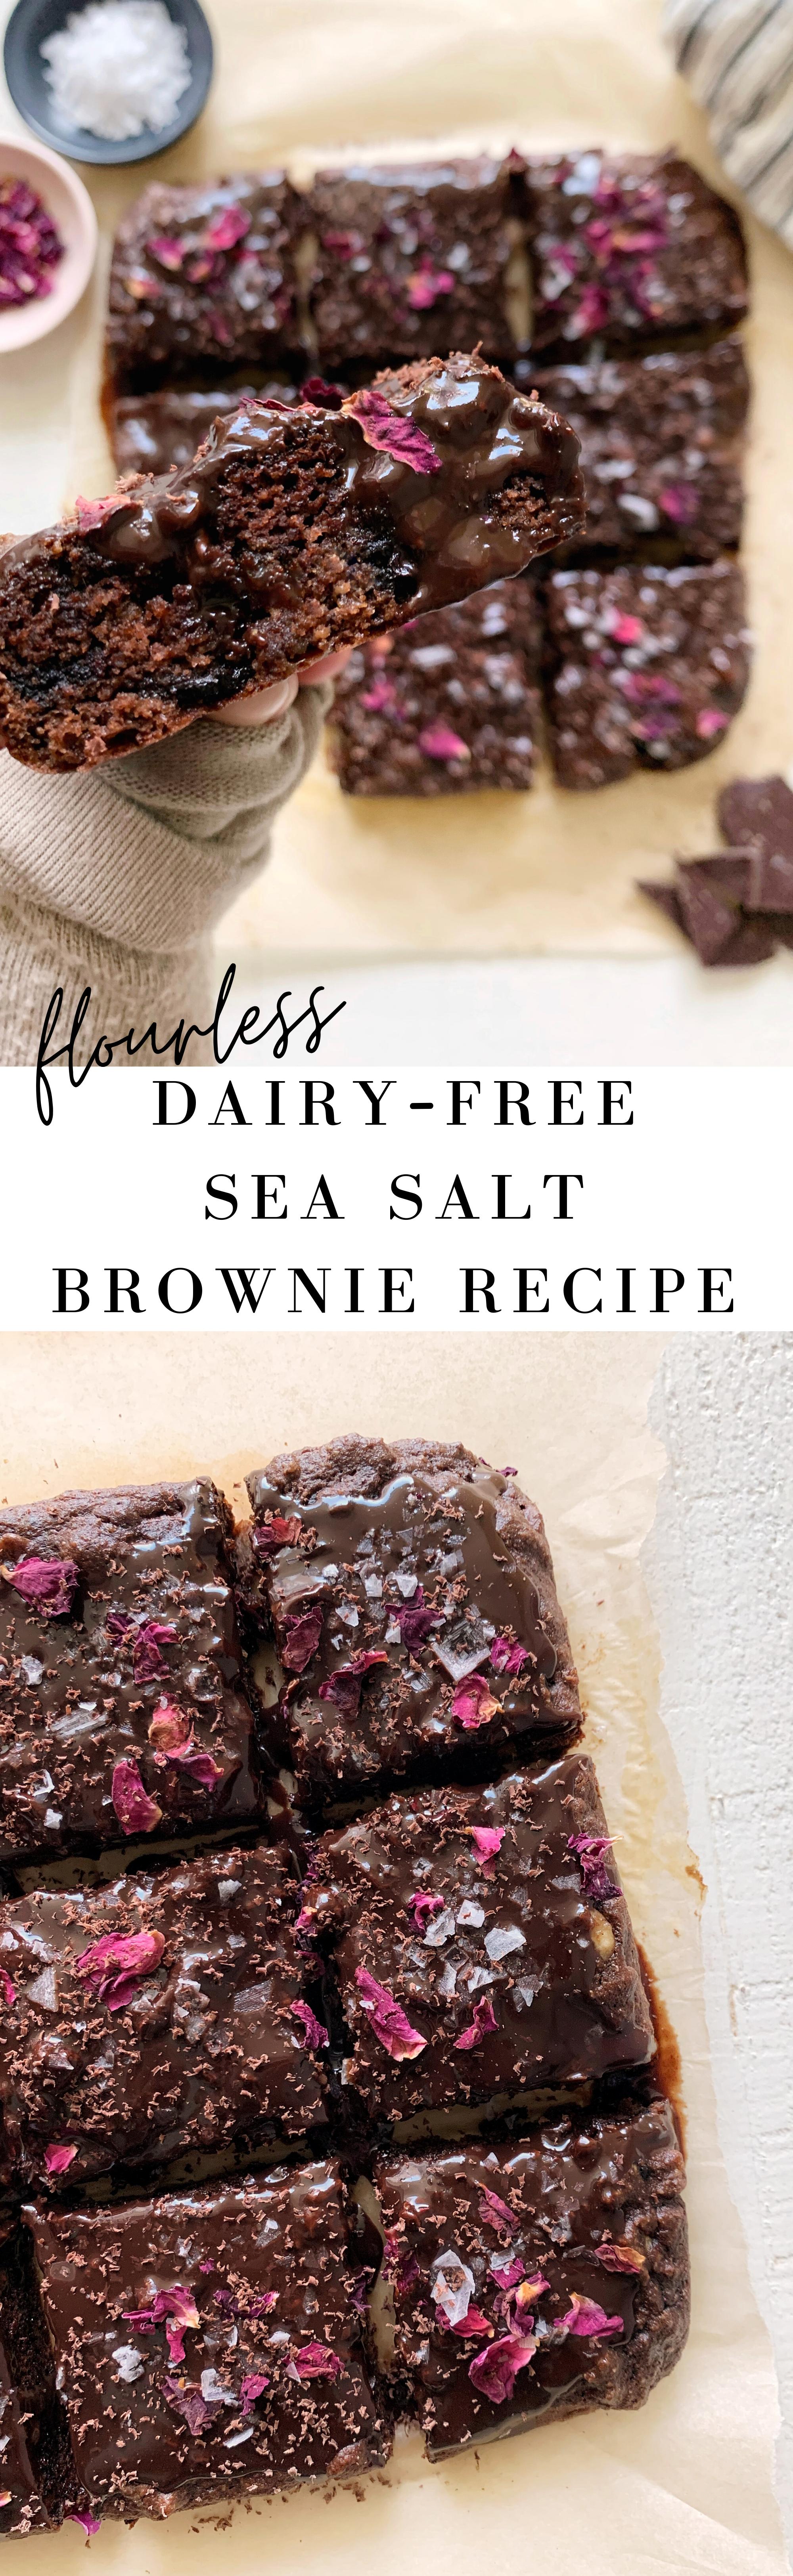 flourless dairy free brownie recipe